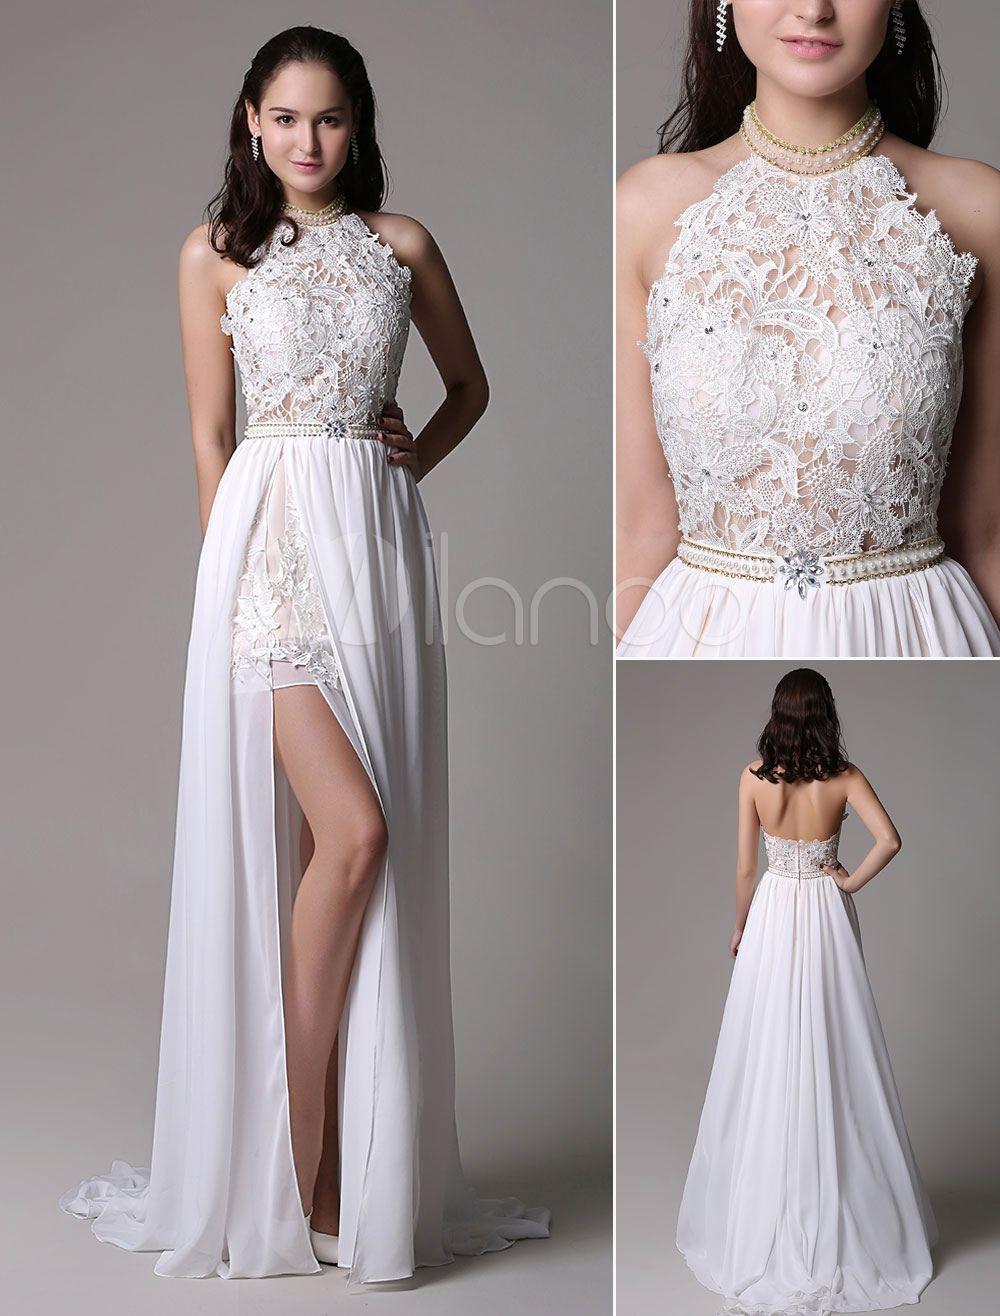 15 Leicht Abendkleid In Weiß VertriebFormal Genial Abendkleid In Weiß Bester Preis